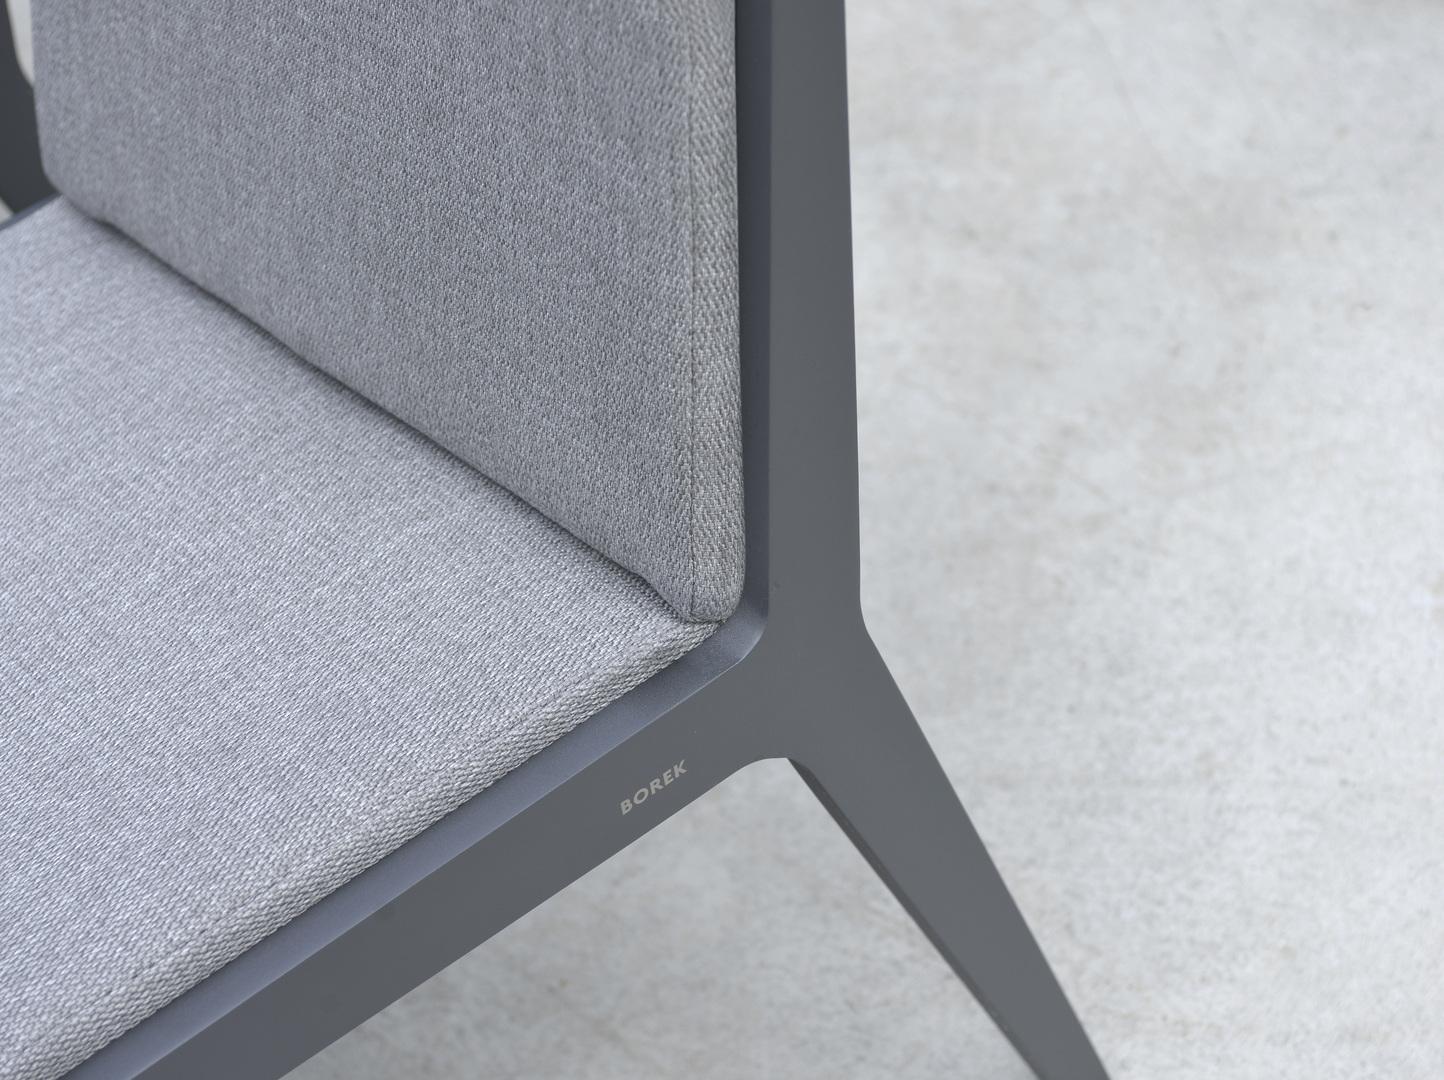 2018 Borek alu Boomerang chair Frans van Rens detail.jpg